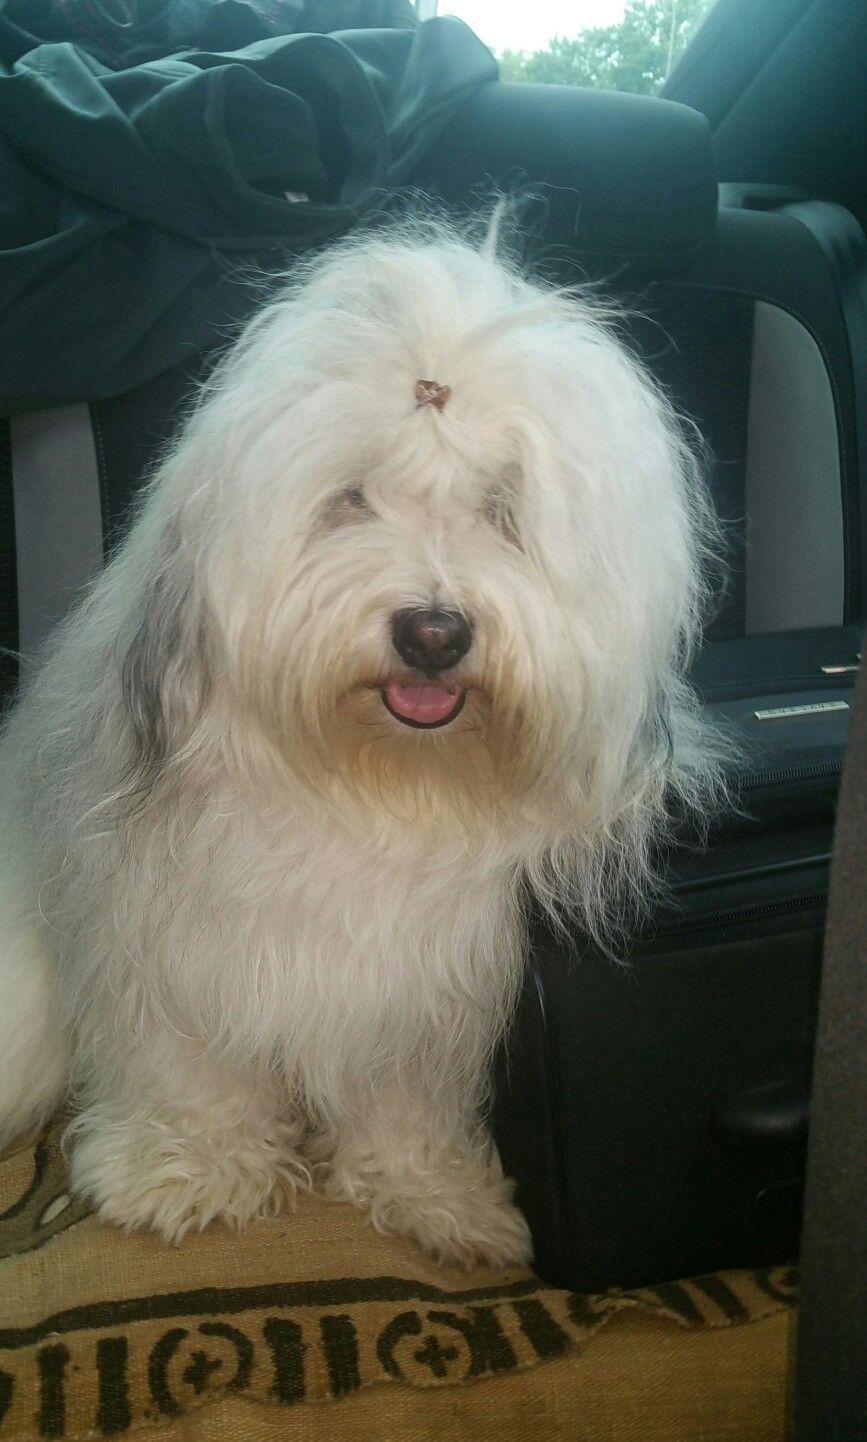 Pin by valerie shampine on dogs heavenly havanese pinterest dog